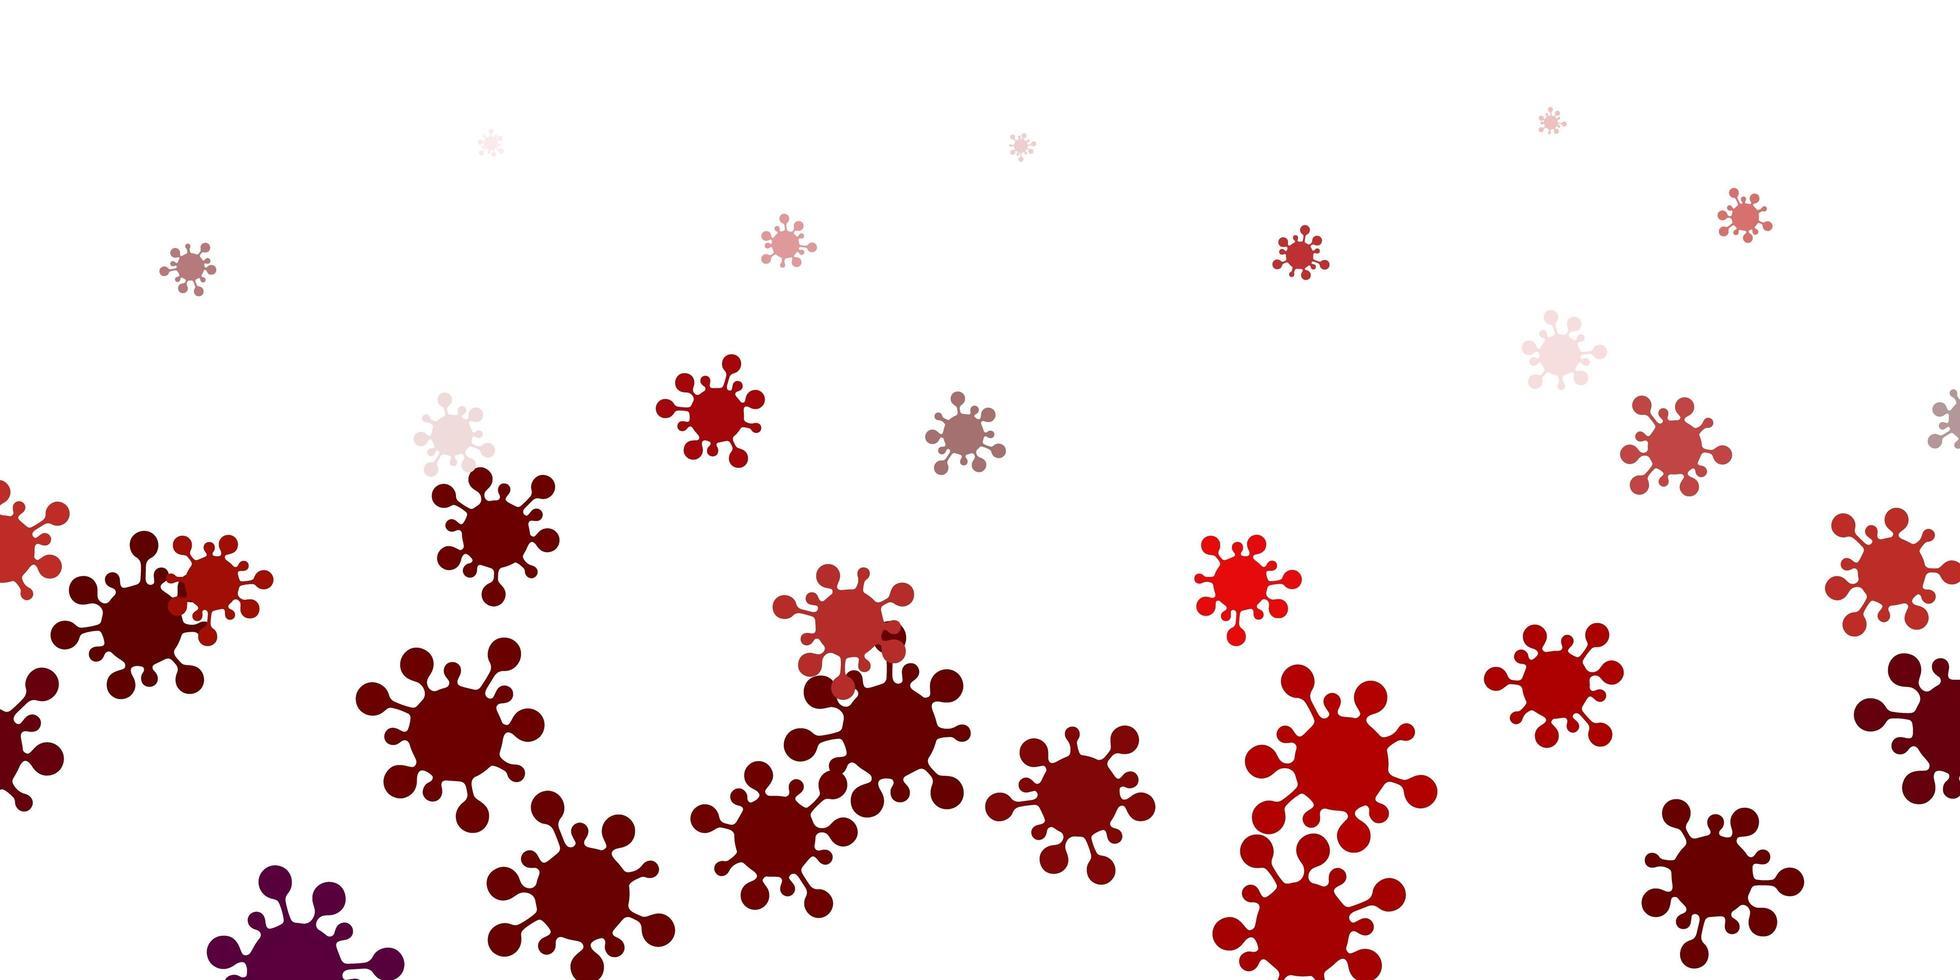 hellroter Hintergrund mit Virensymbolen. vektor